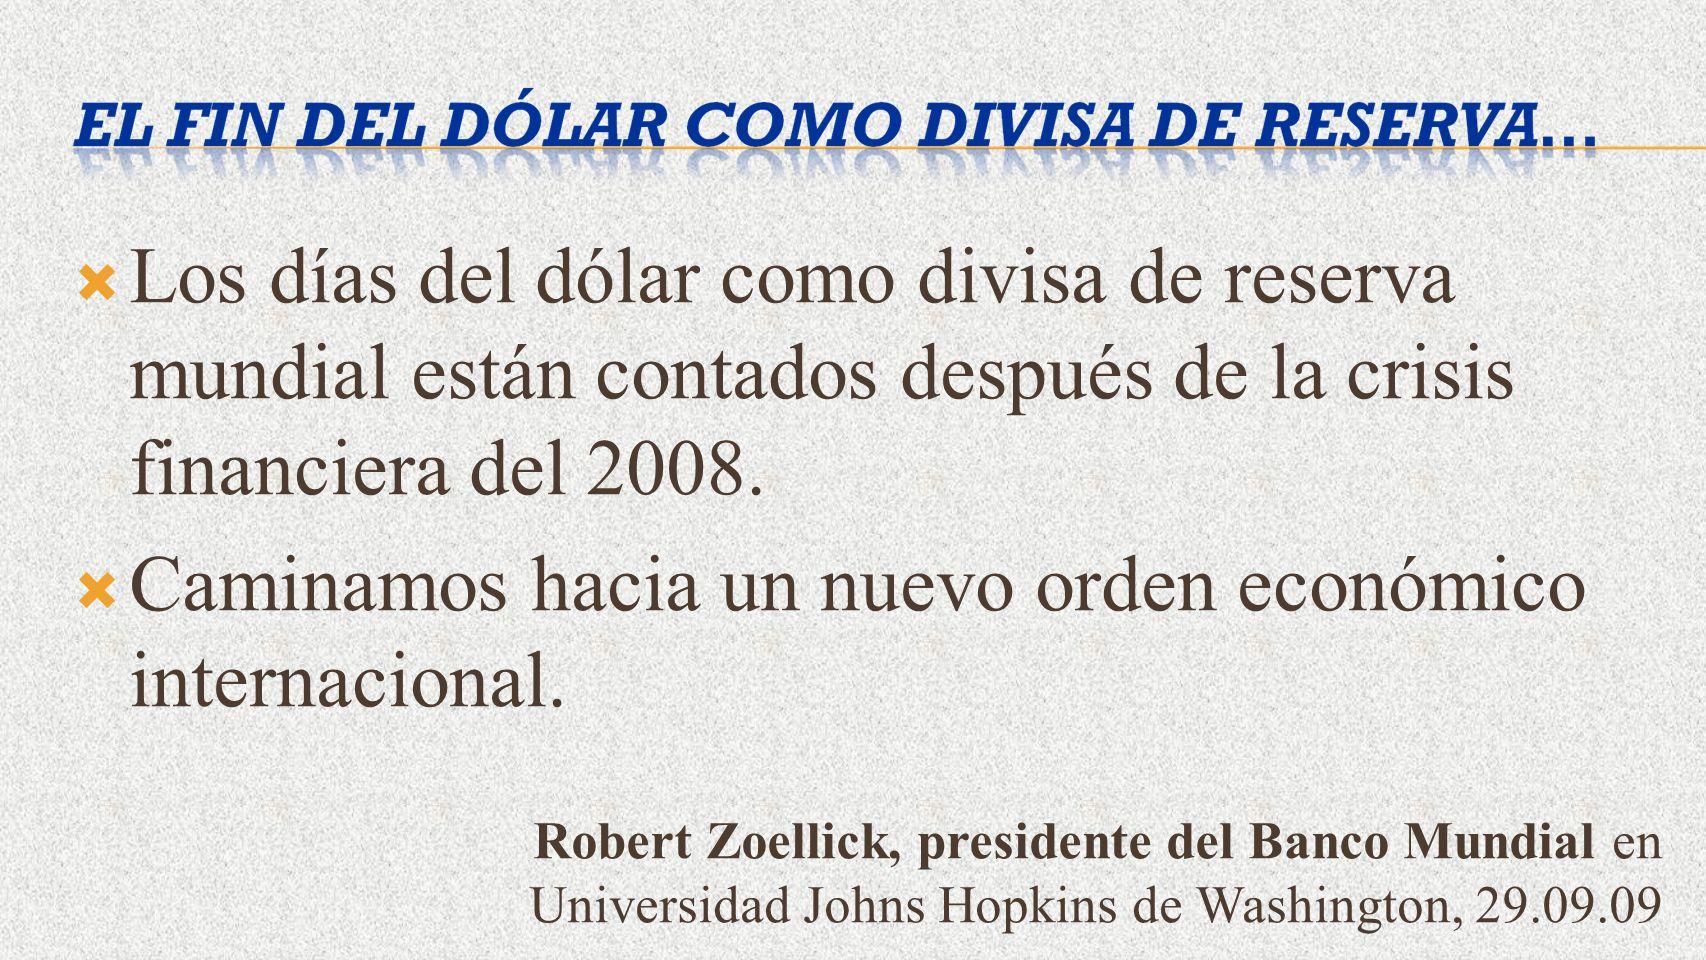 Los días del dólar como divisa de reserva mundial están contados después de la crisis financiera del 2008. Caminamos hacia un nuevo orden económico in